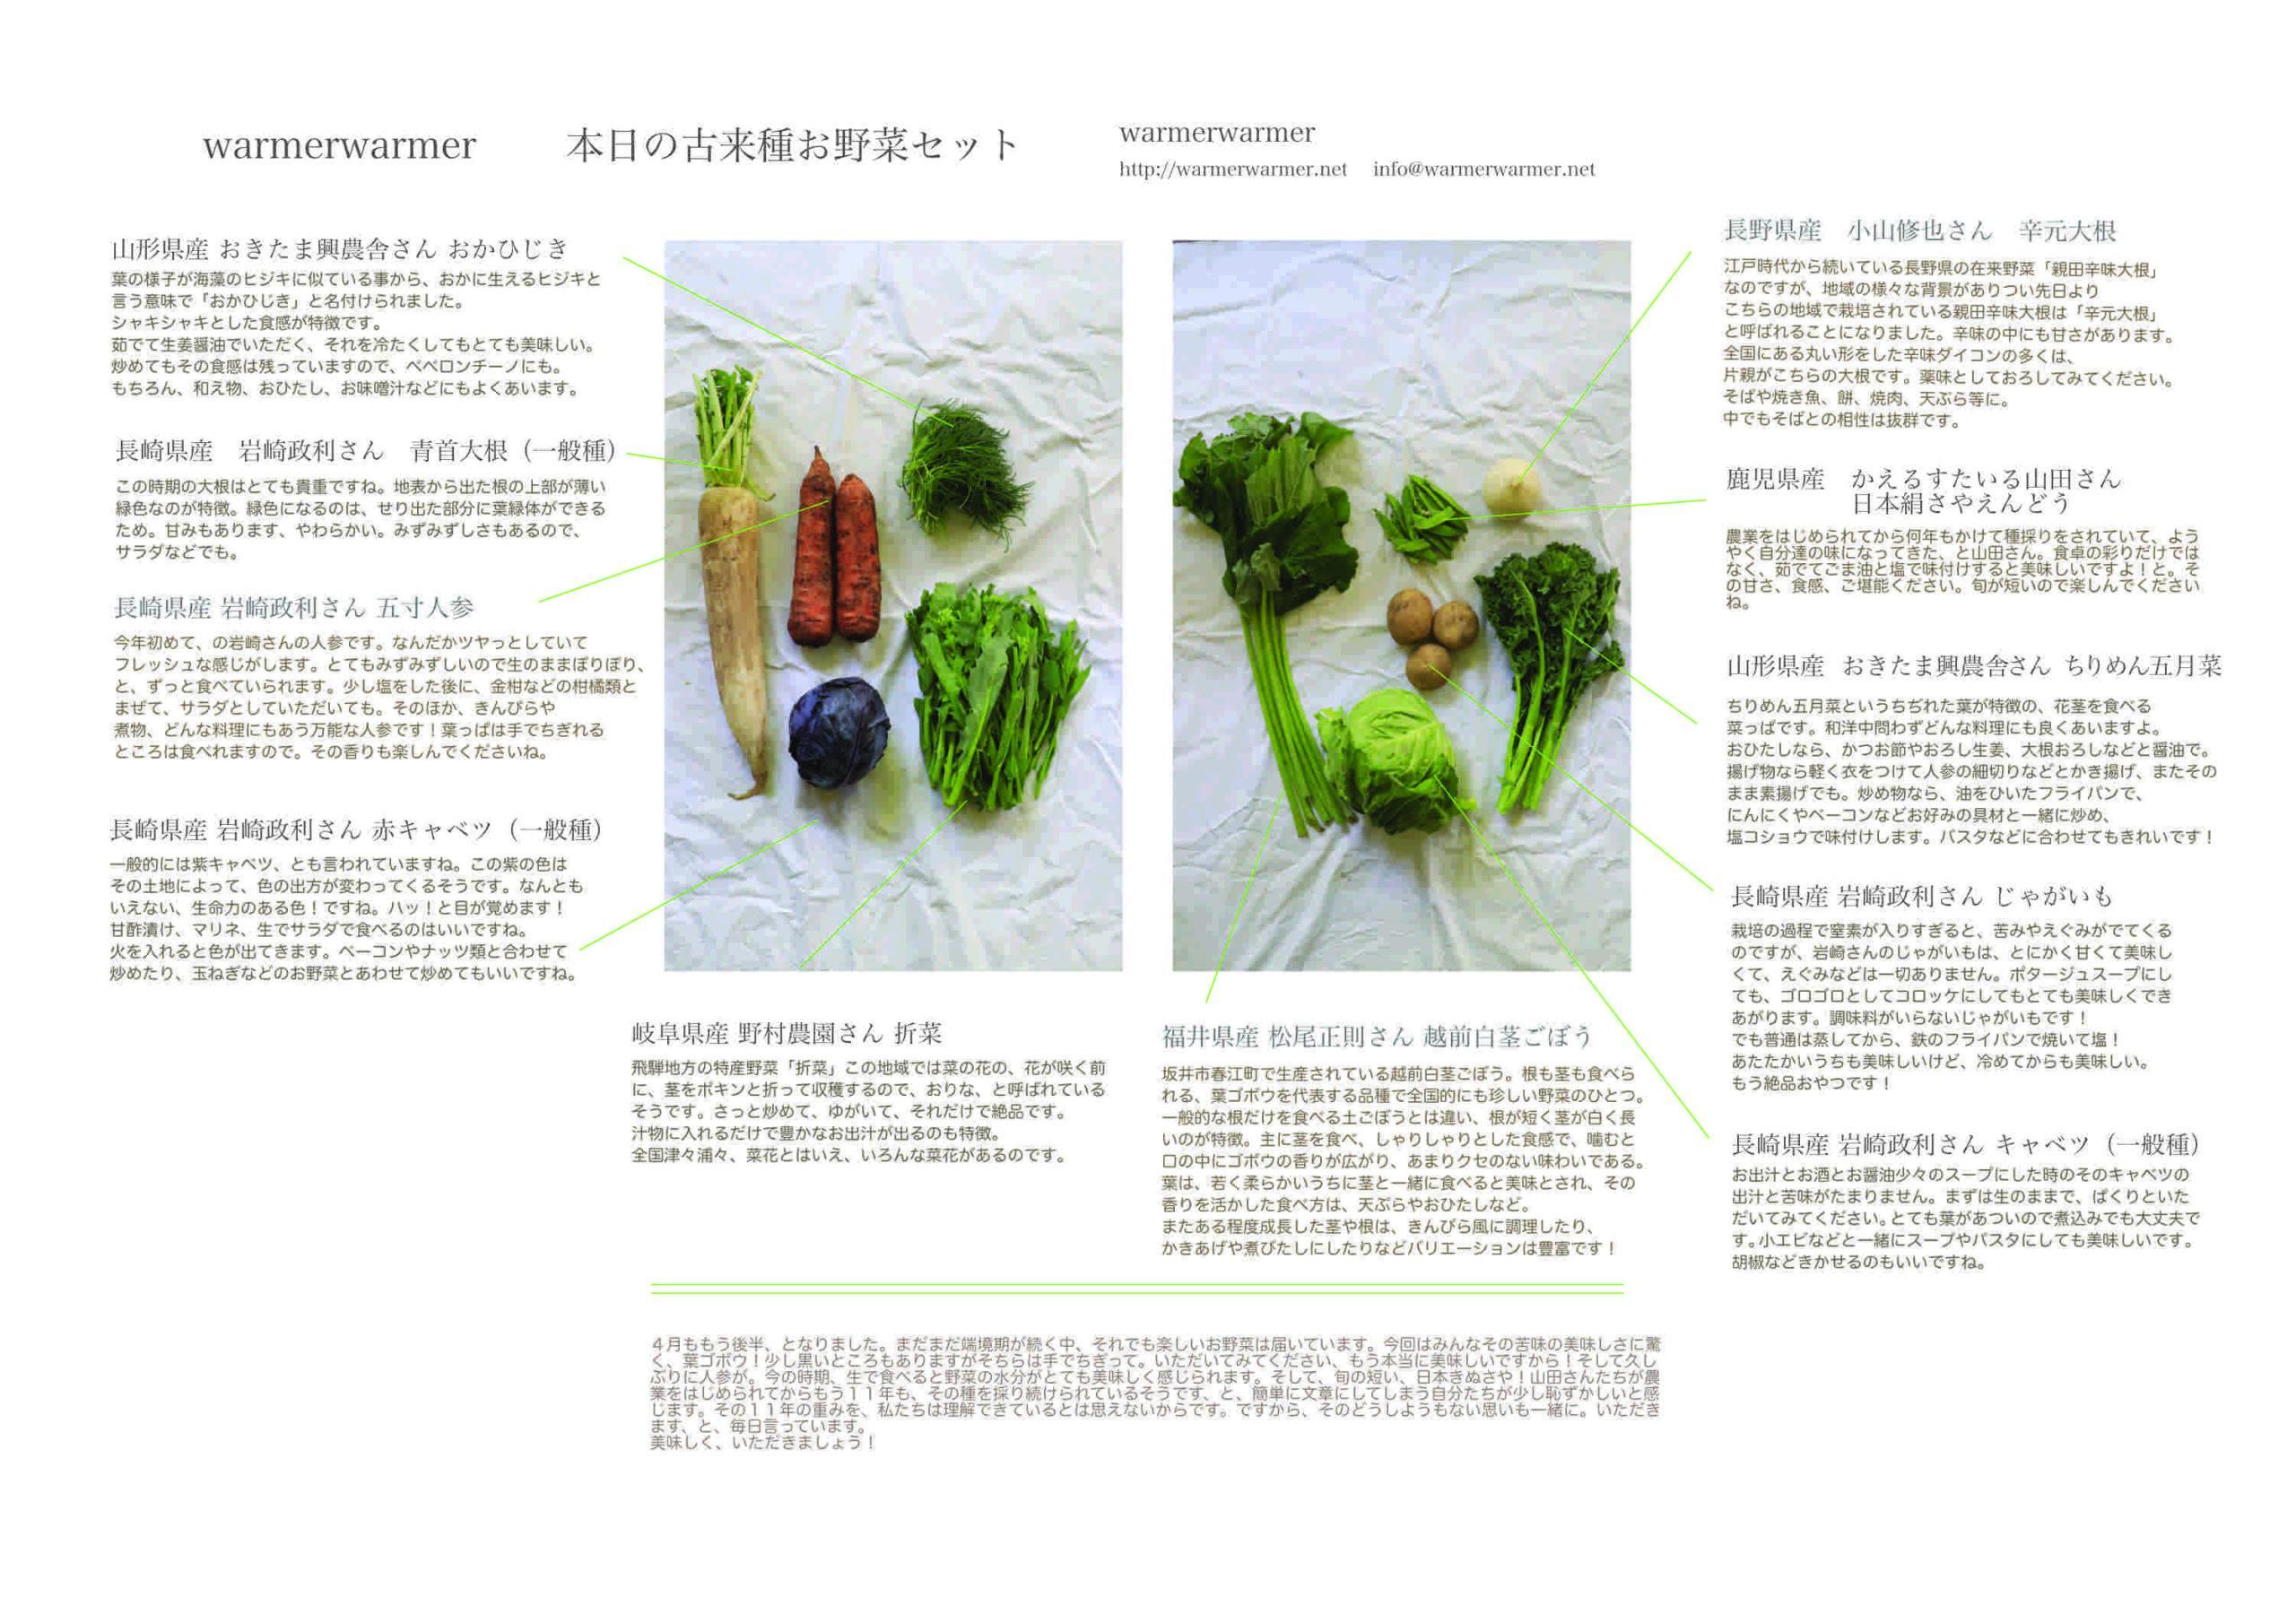 4月23日 本日のお野菜セットの内容です